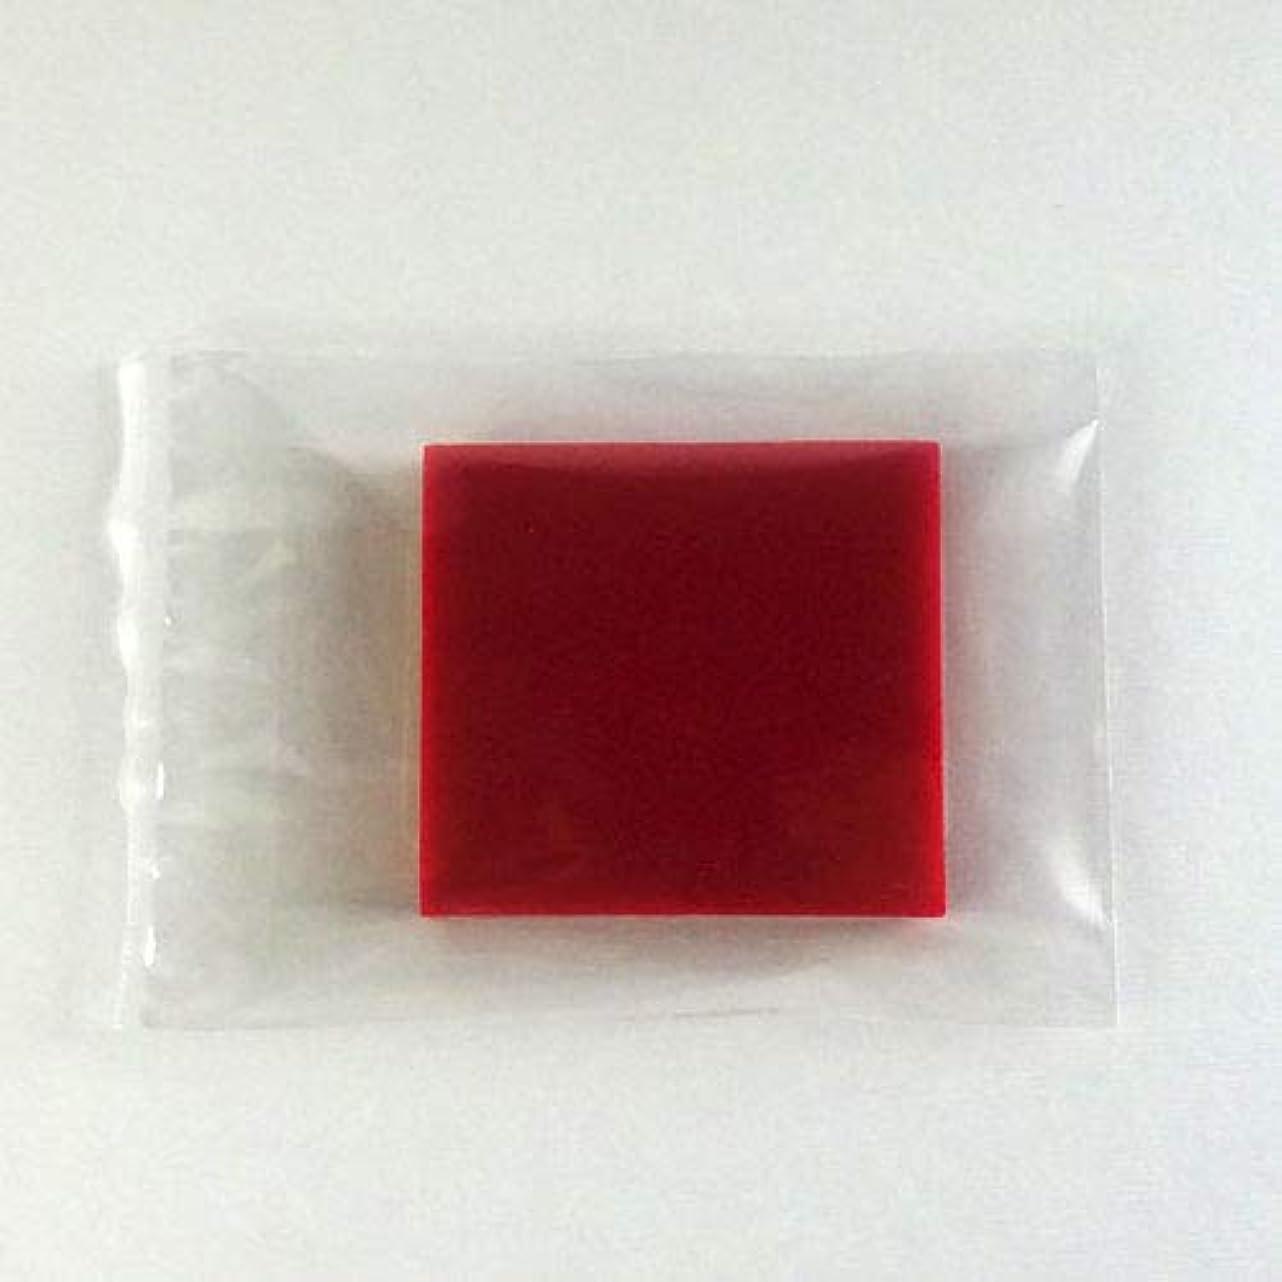 確立いちゃつく疲れたグリセリンソープ MPソープ 色チップ 赤(レッド) 120g(30g x 4pc)